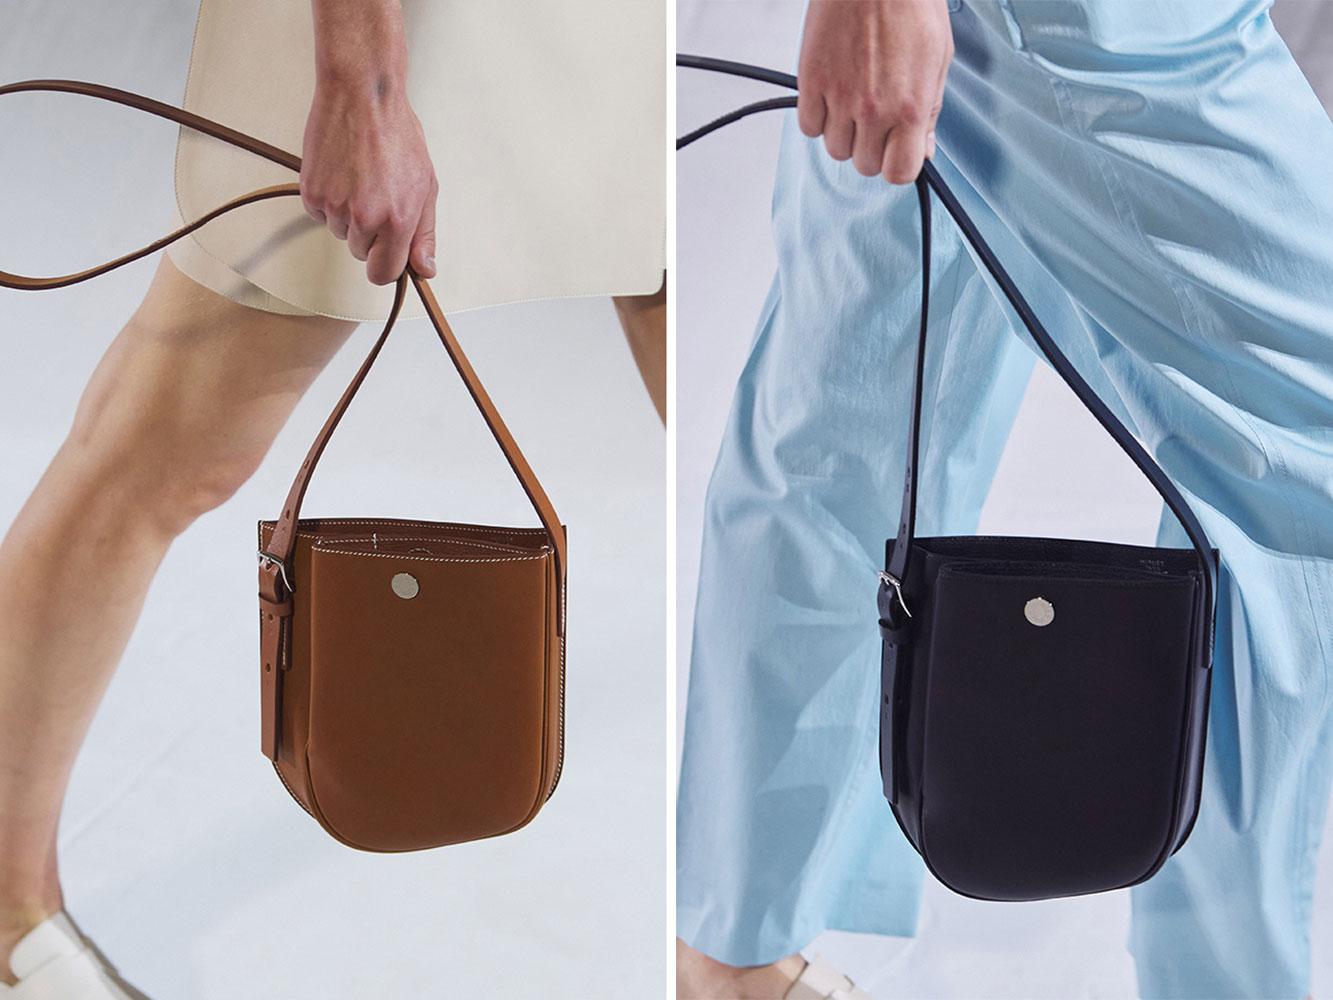 Hermès giới thiệu hai dòng túi xách mới lạ mùa Xuân Hè 2021 2